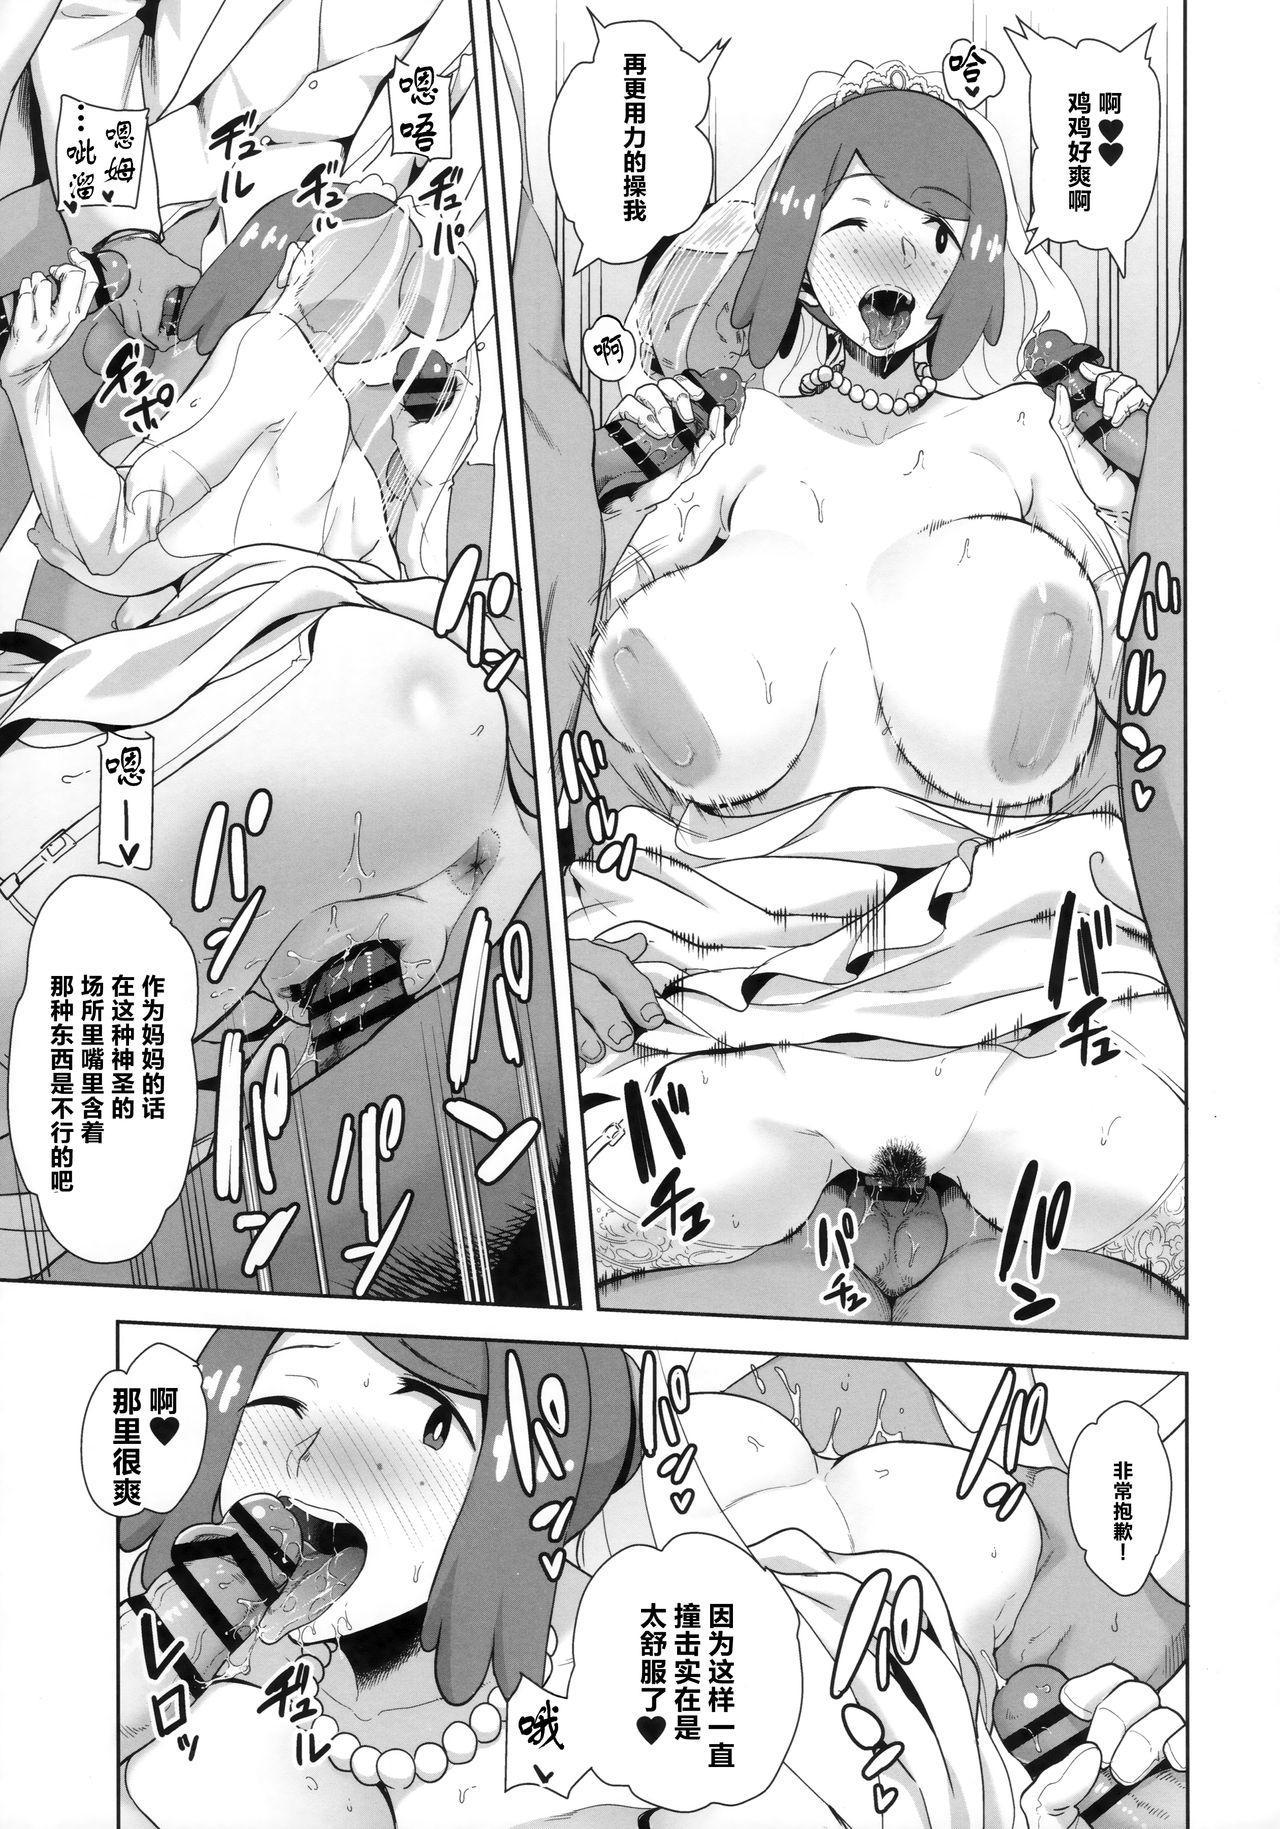 Alola no Yoru no Sugata 6 16